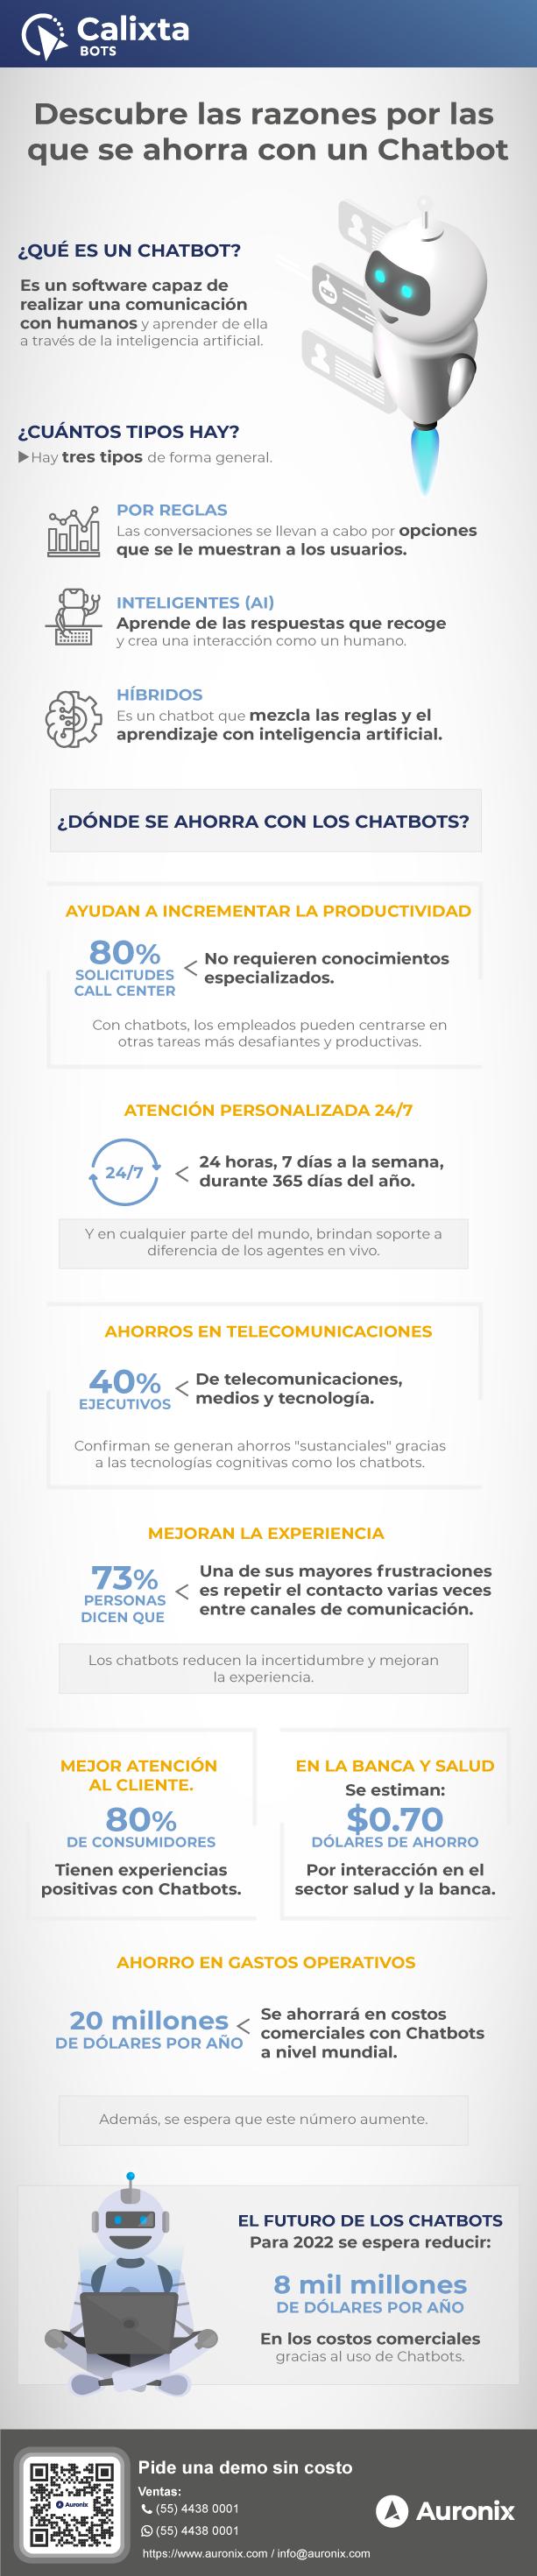 infografia-auronix-descubre-las-razones-por-las-que-se-ahorra-con-un-chatbot-final